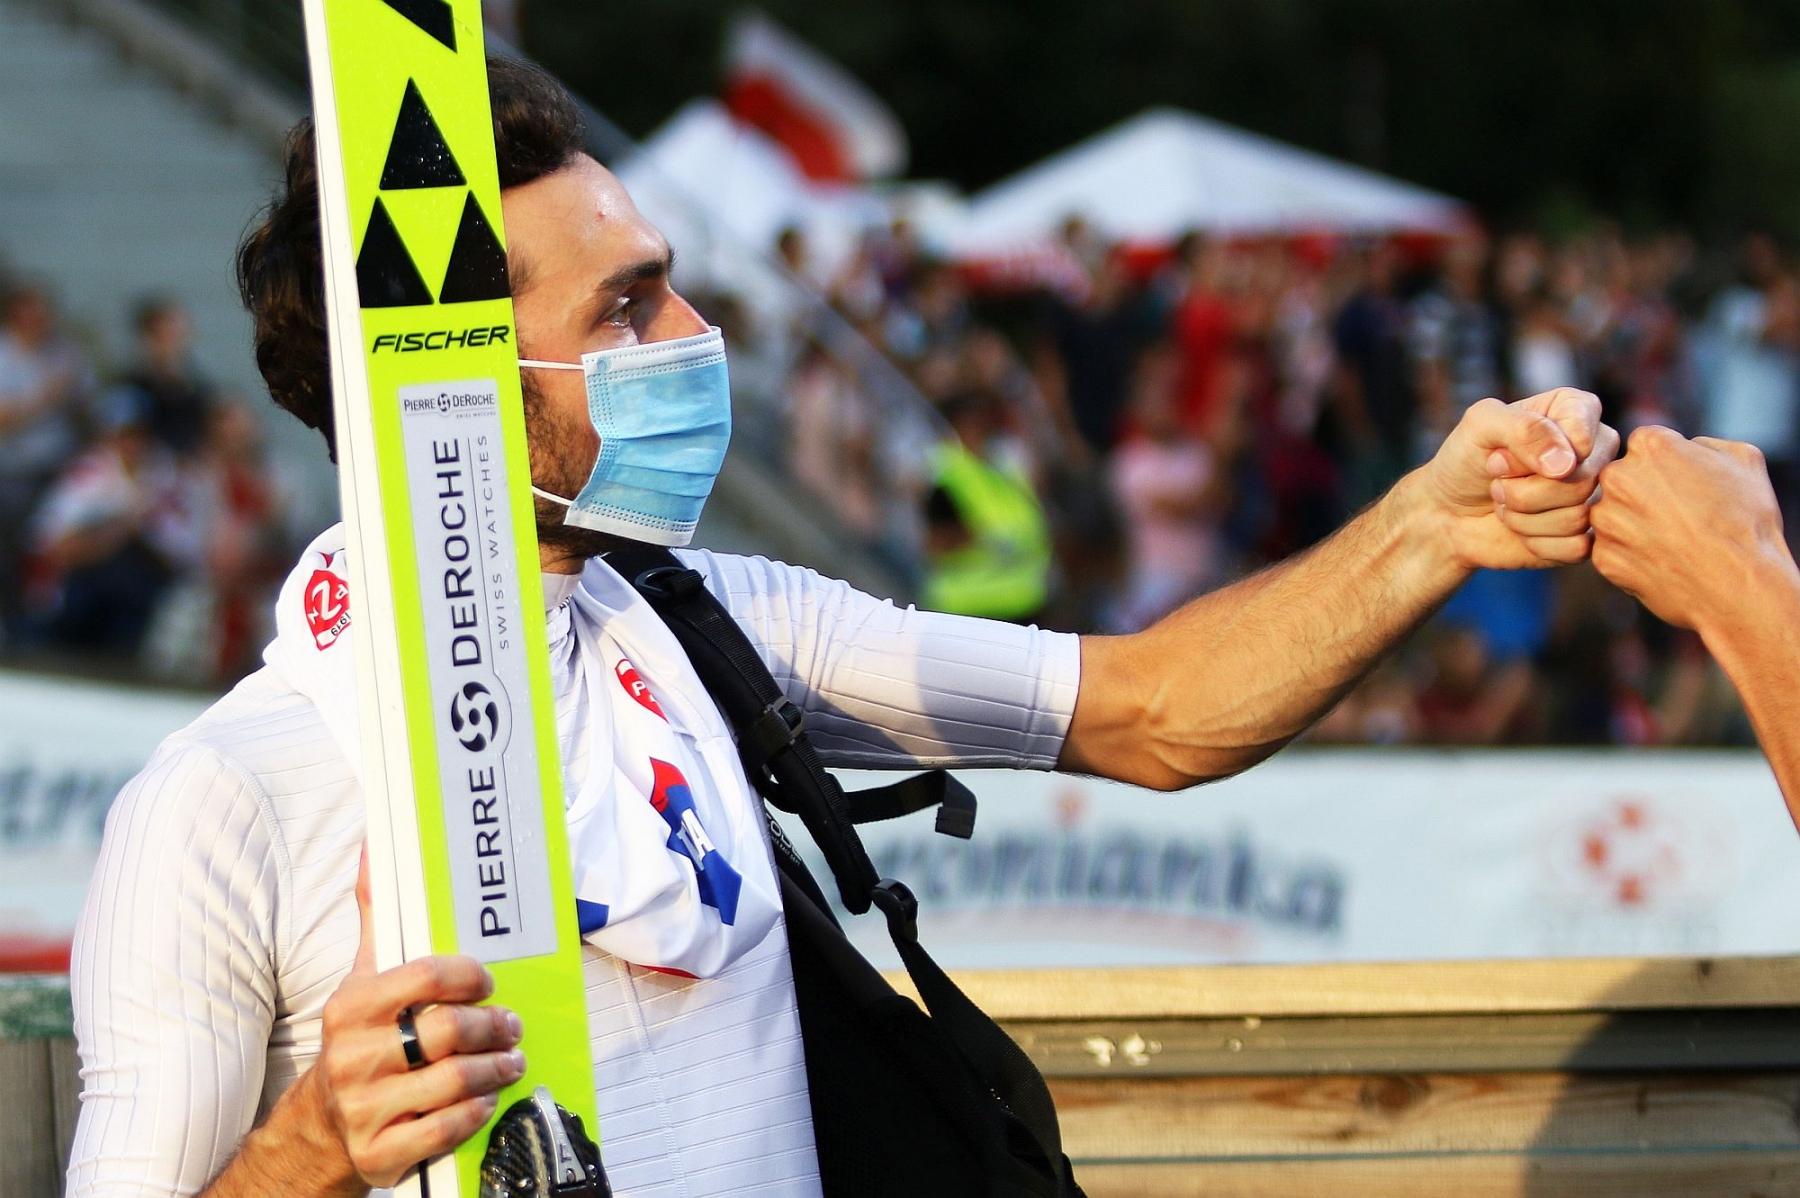 LGP Wisla2020 2konkurs fot 118 - Niemcy i Szwajcarzy gotowi na mistrzostwa kraju. W jakiej formie są podopieczni Horngachera?